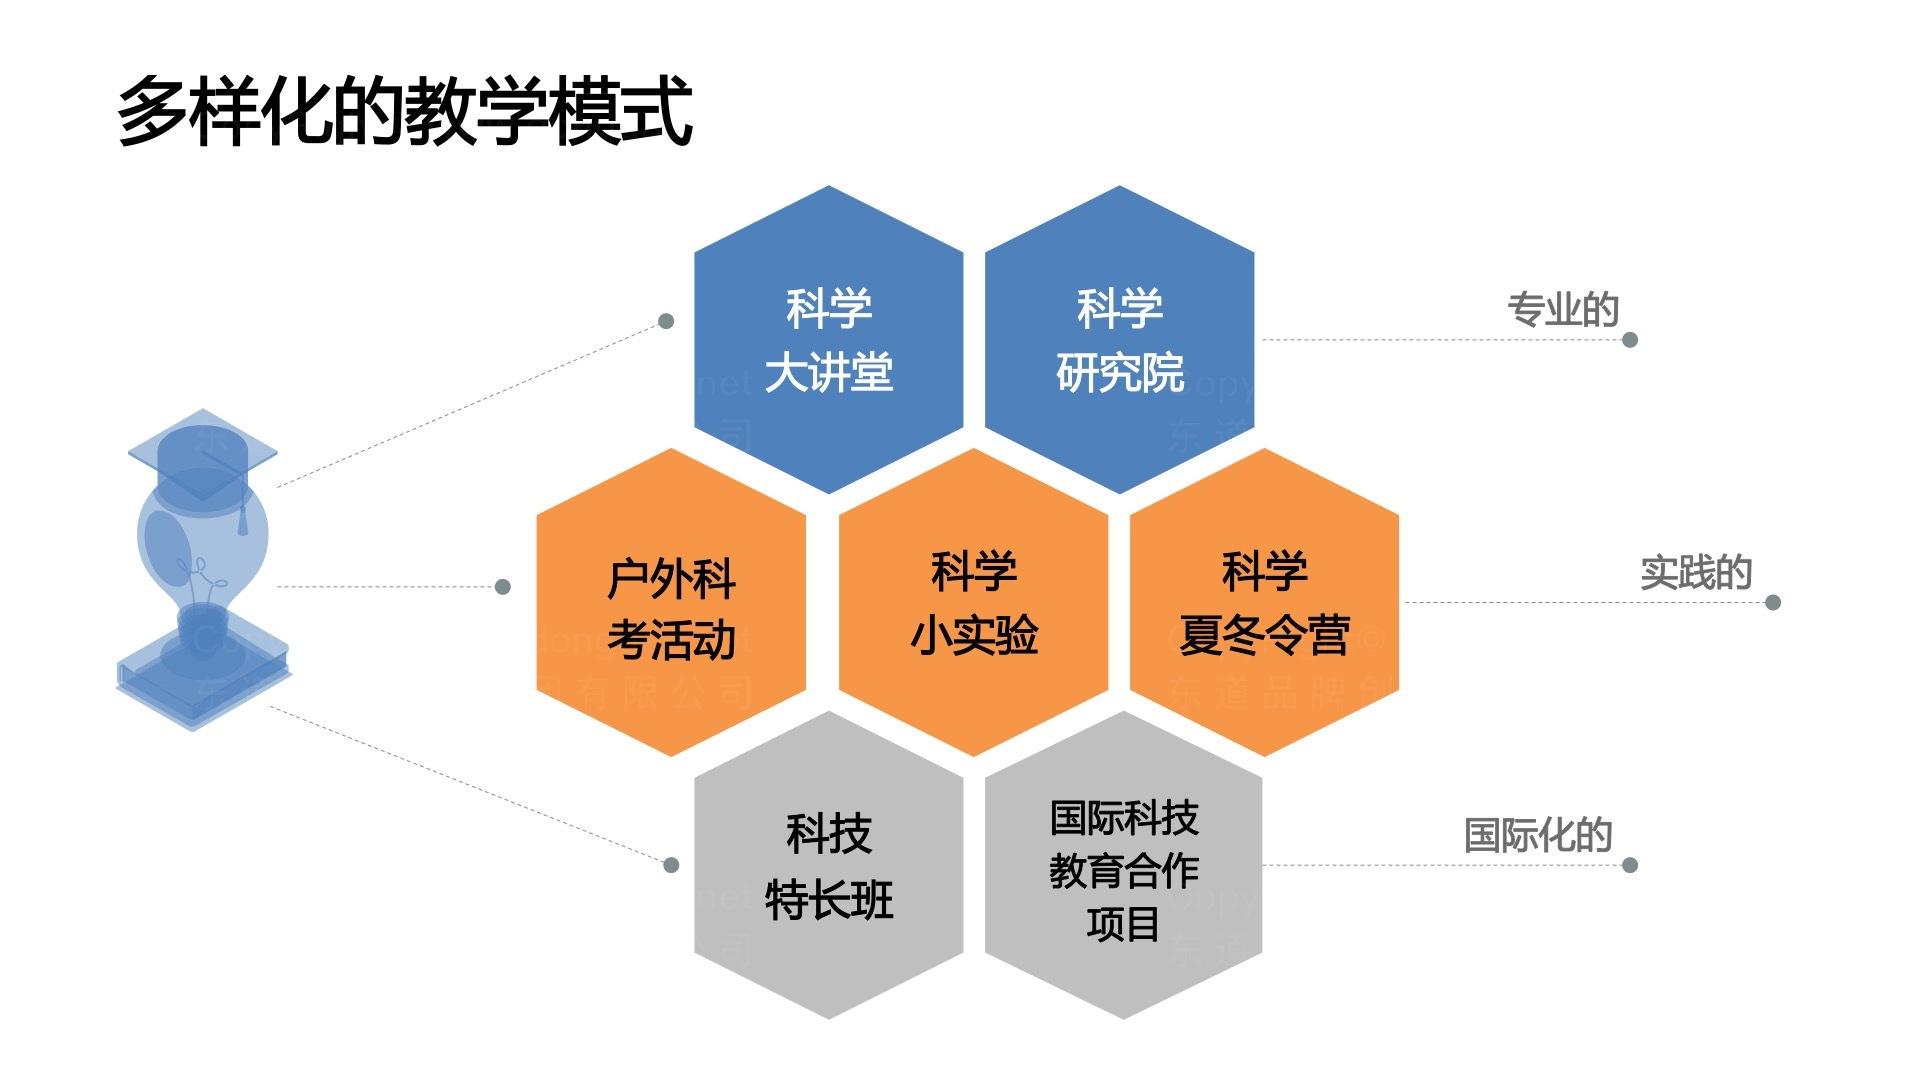 品牌战略&企业文化量子世界量子世界品牌战略规划应用场景_1